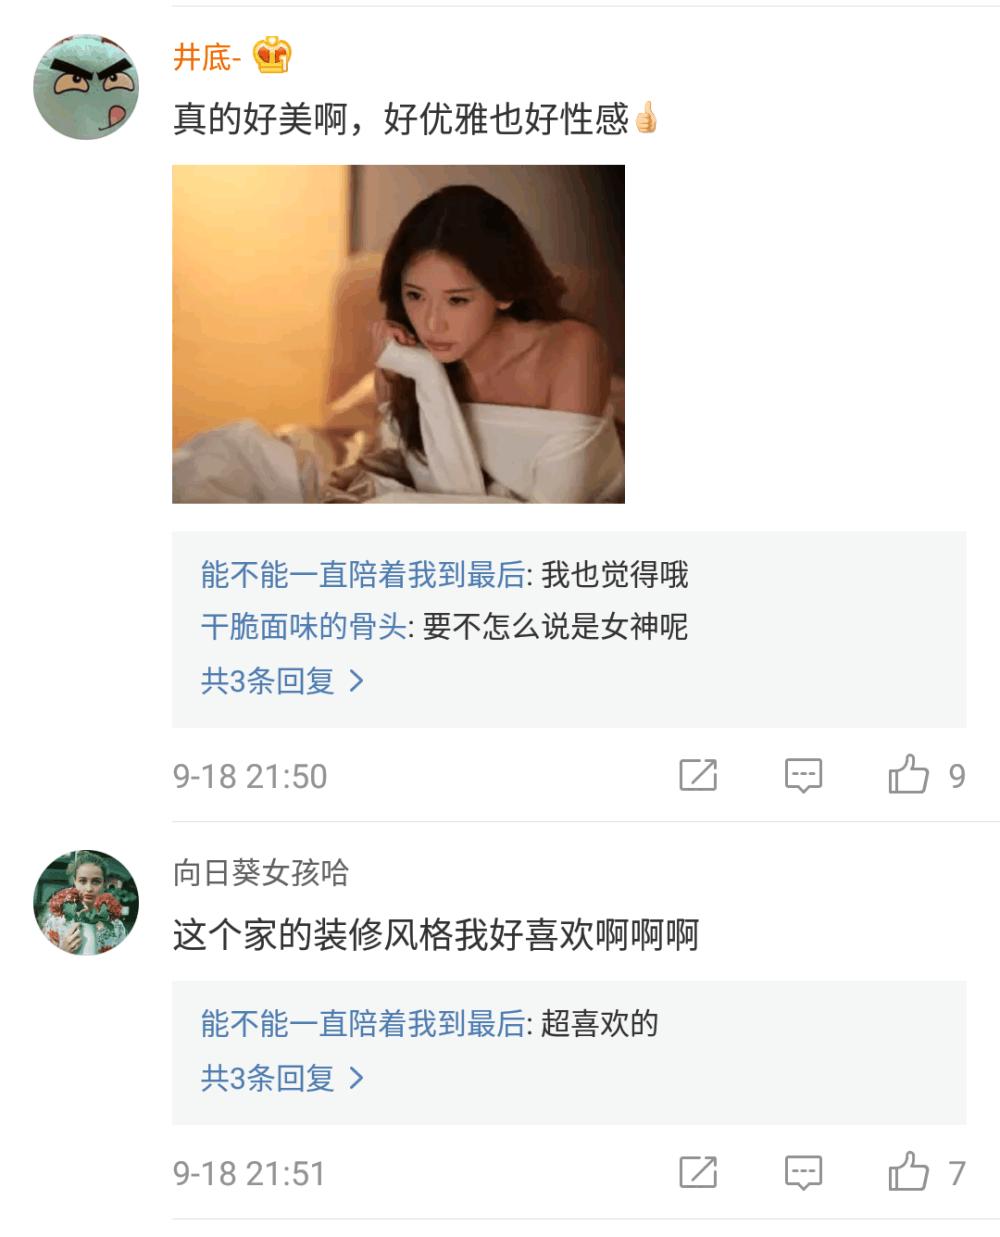 林志玲新剧剧照流出, 冻龄女神不老容颜遭舔屏膜拜